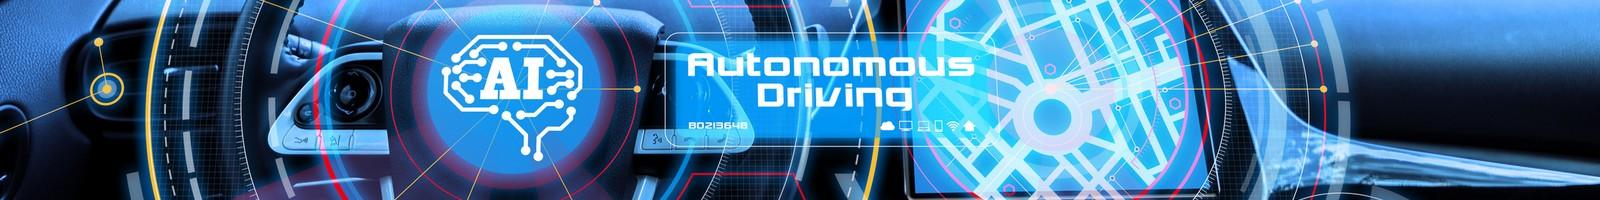 Les assureurs redoutent les changements apportés par les voitures autonomes